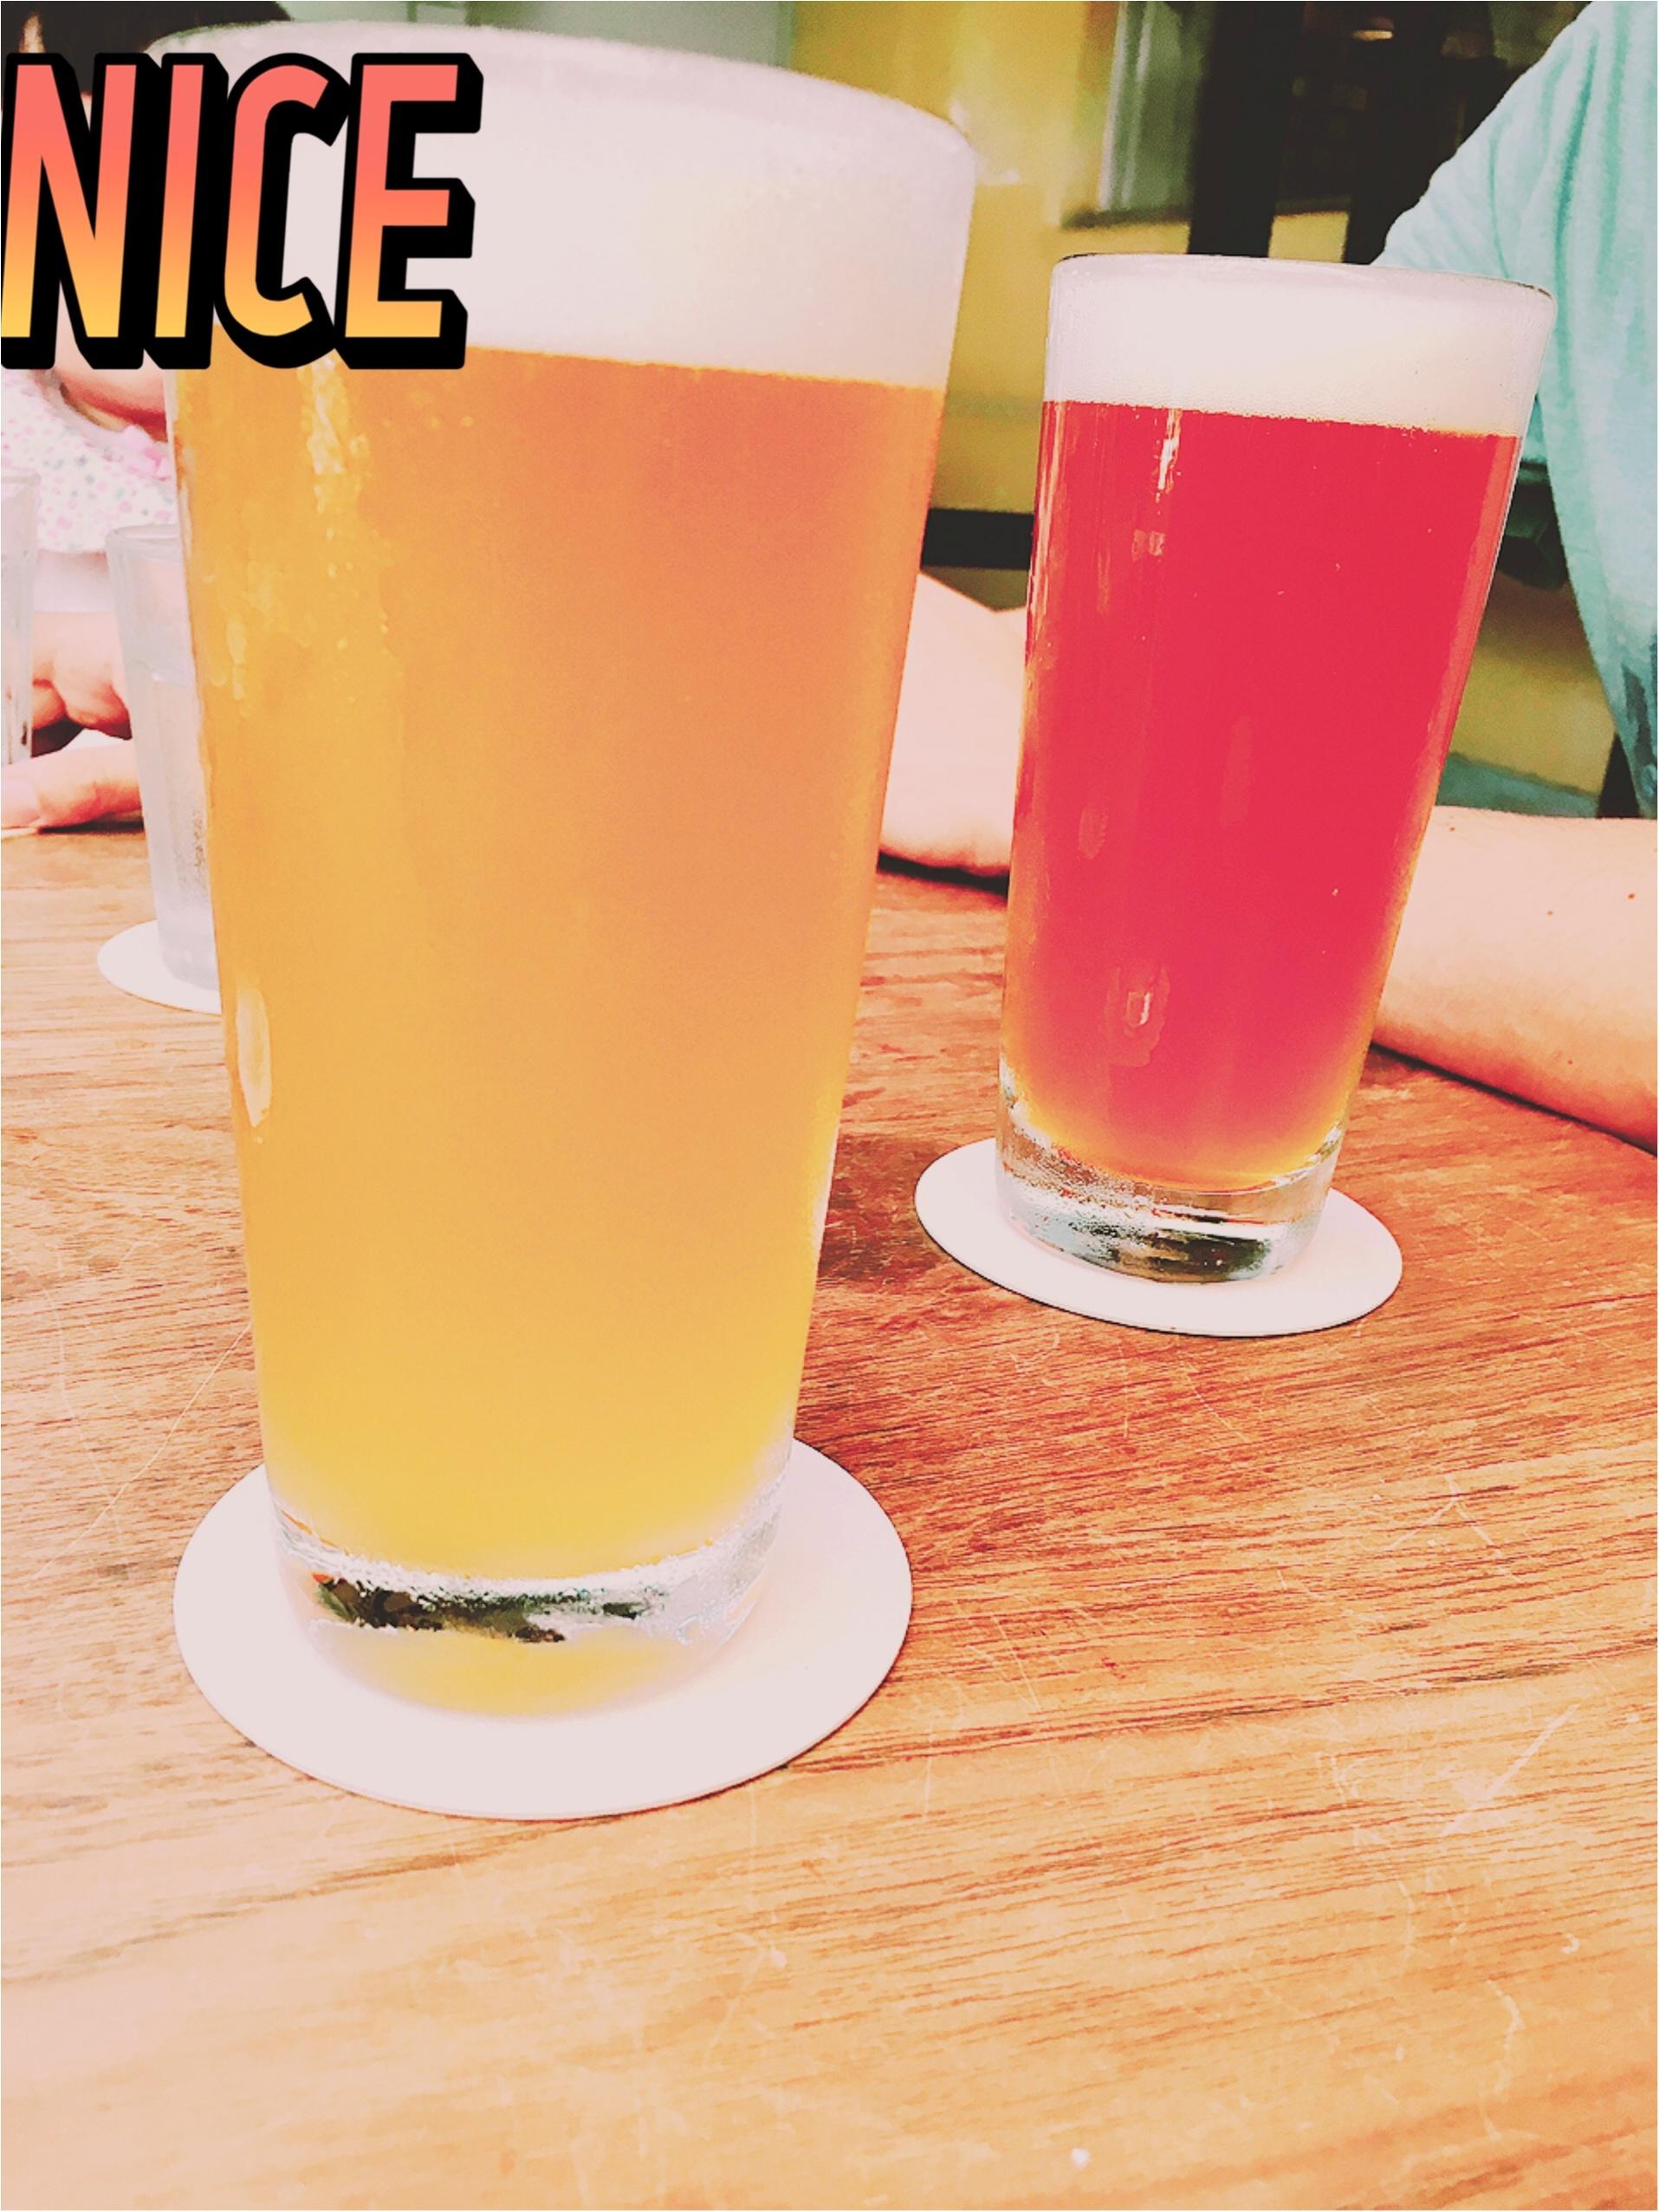 表参道でお昼からクラフトビールを飲みながらブランチ=最高♡byじゅな_4